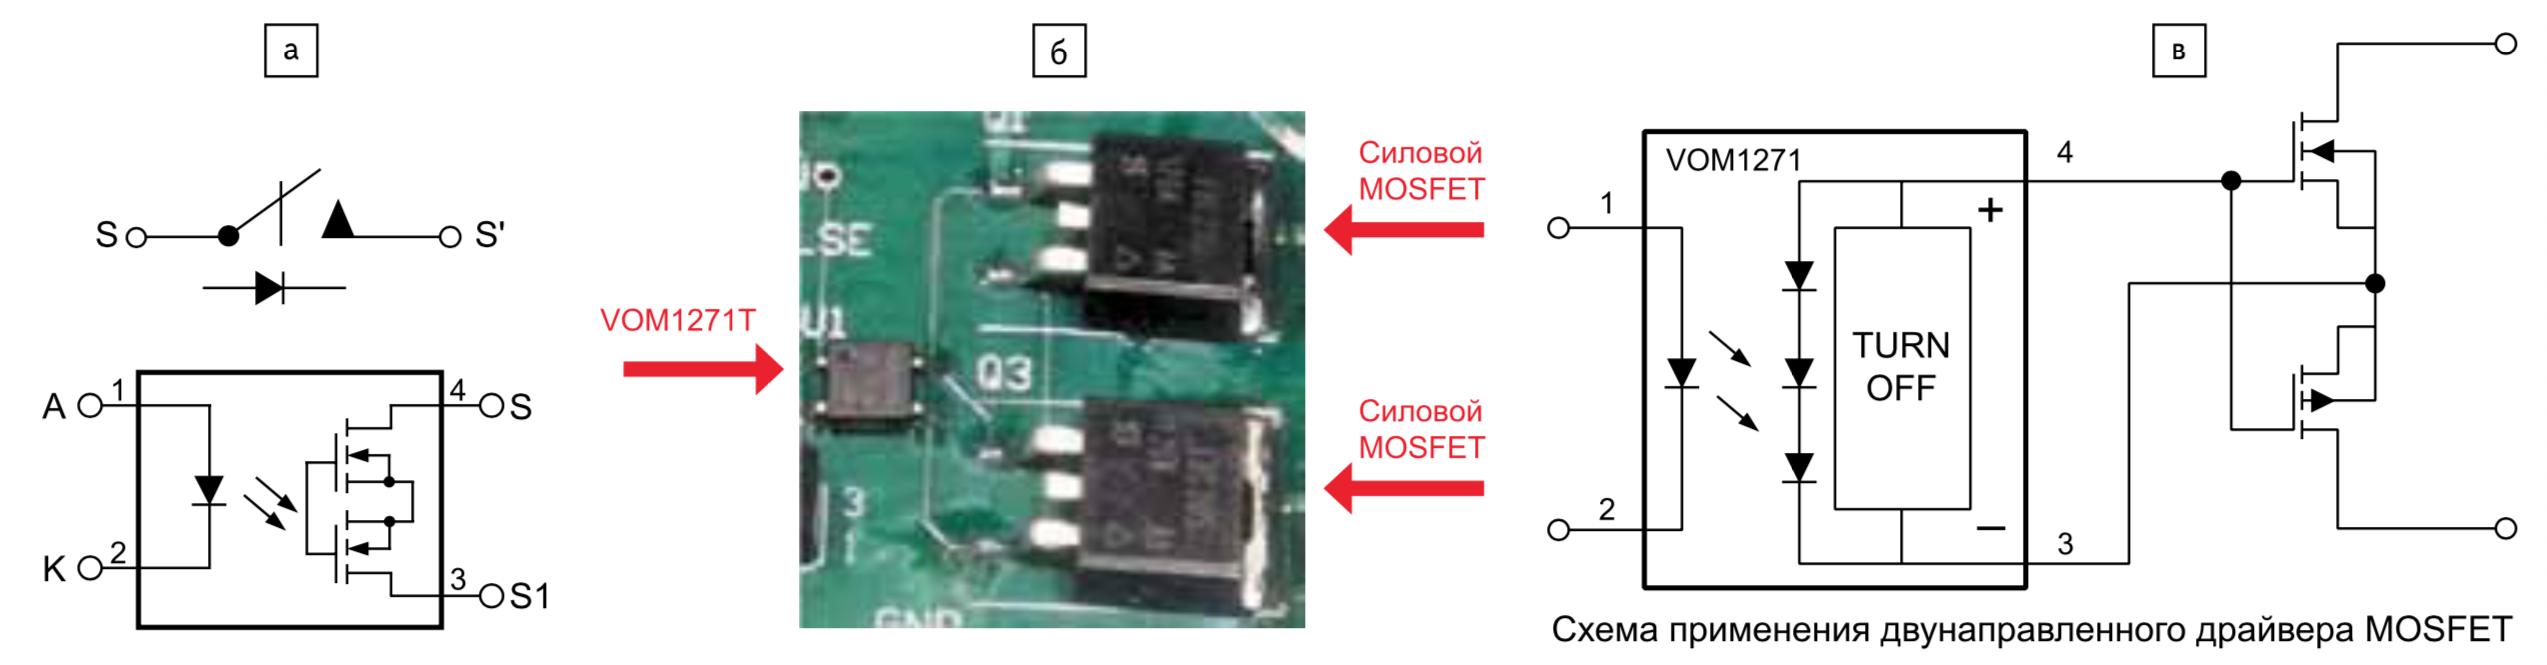 Автономные драйверы PV MOSFET — однокомпонентные решения для промышленных задач